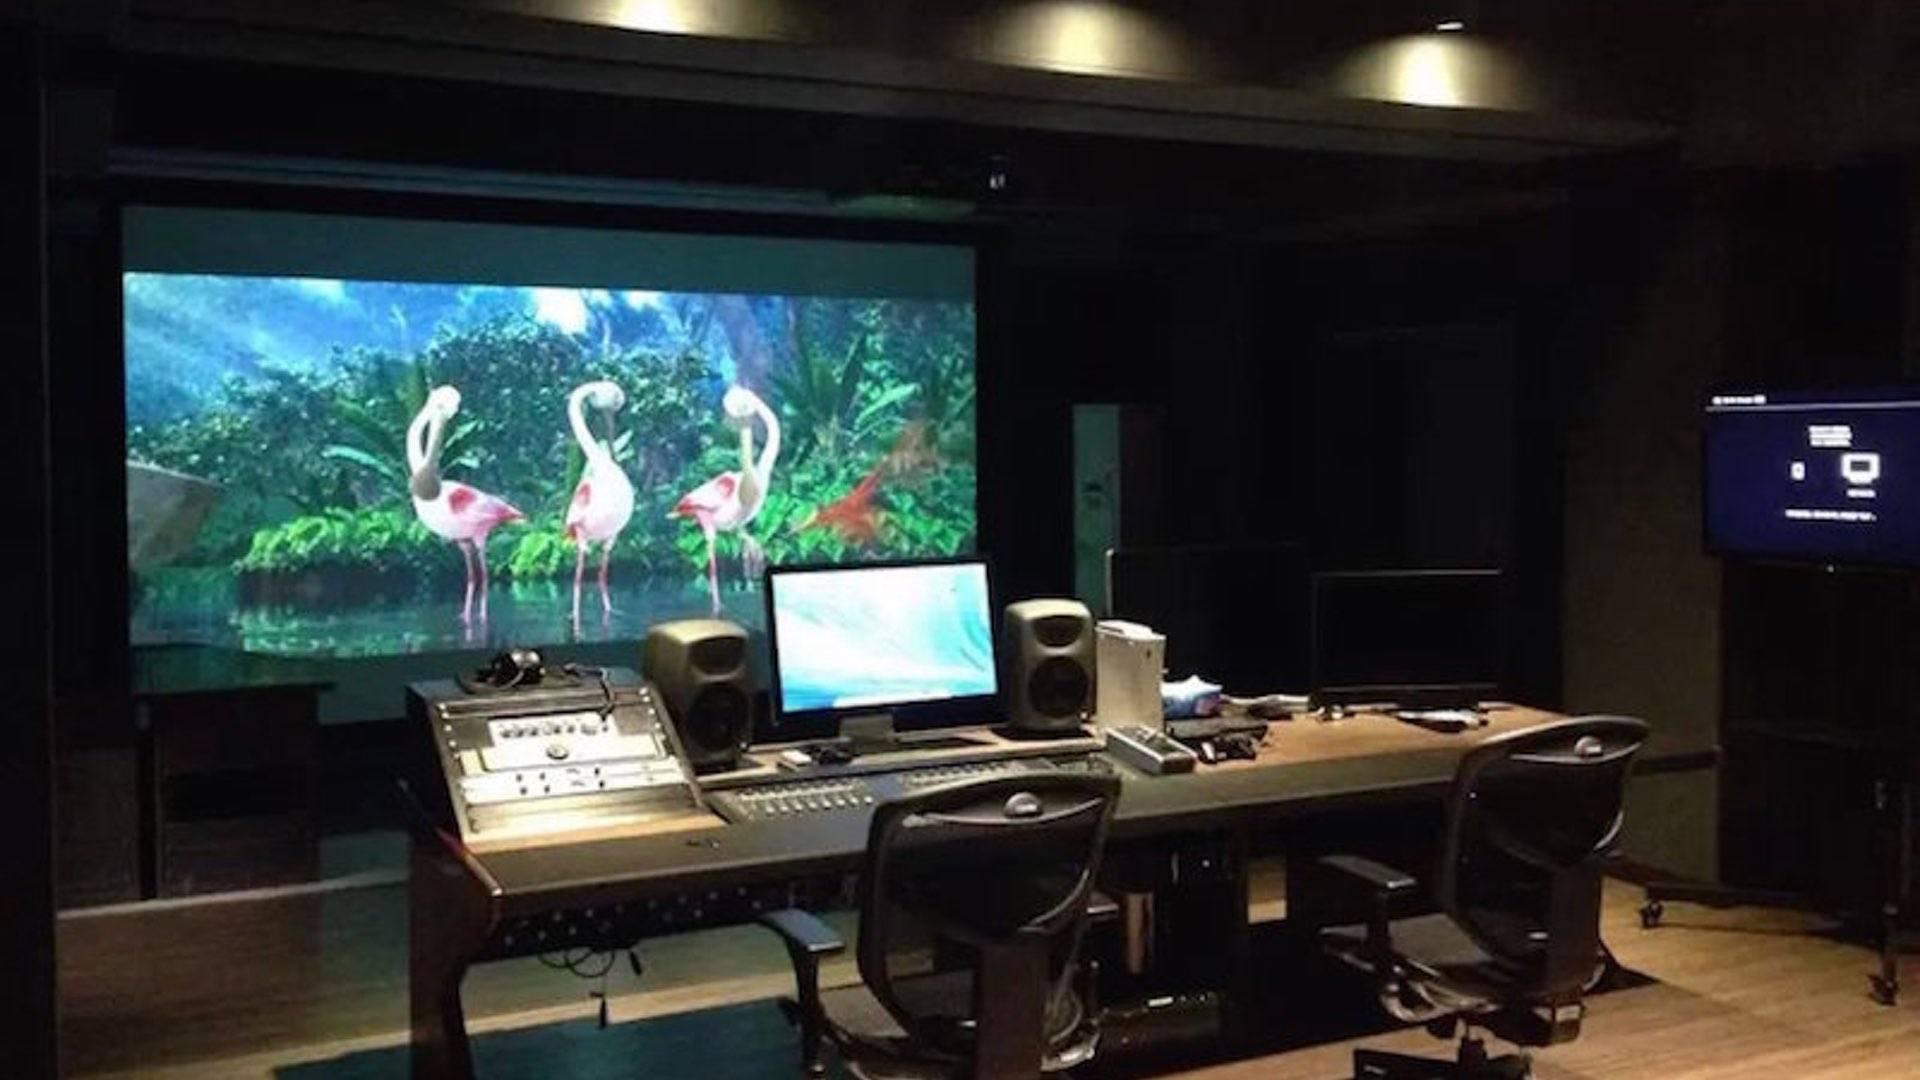 电影混录棚 Dolby 7.1 声道-北京电影学院